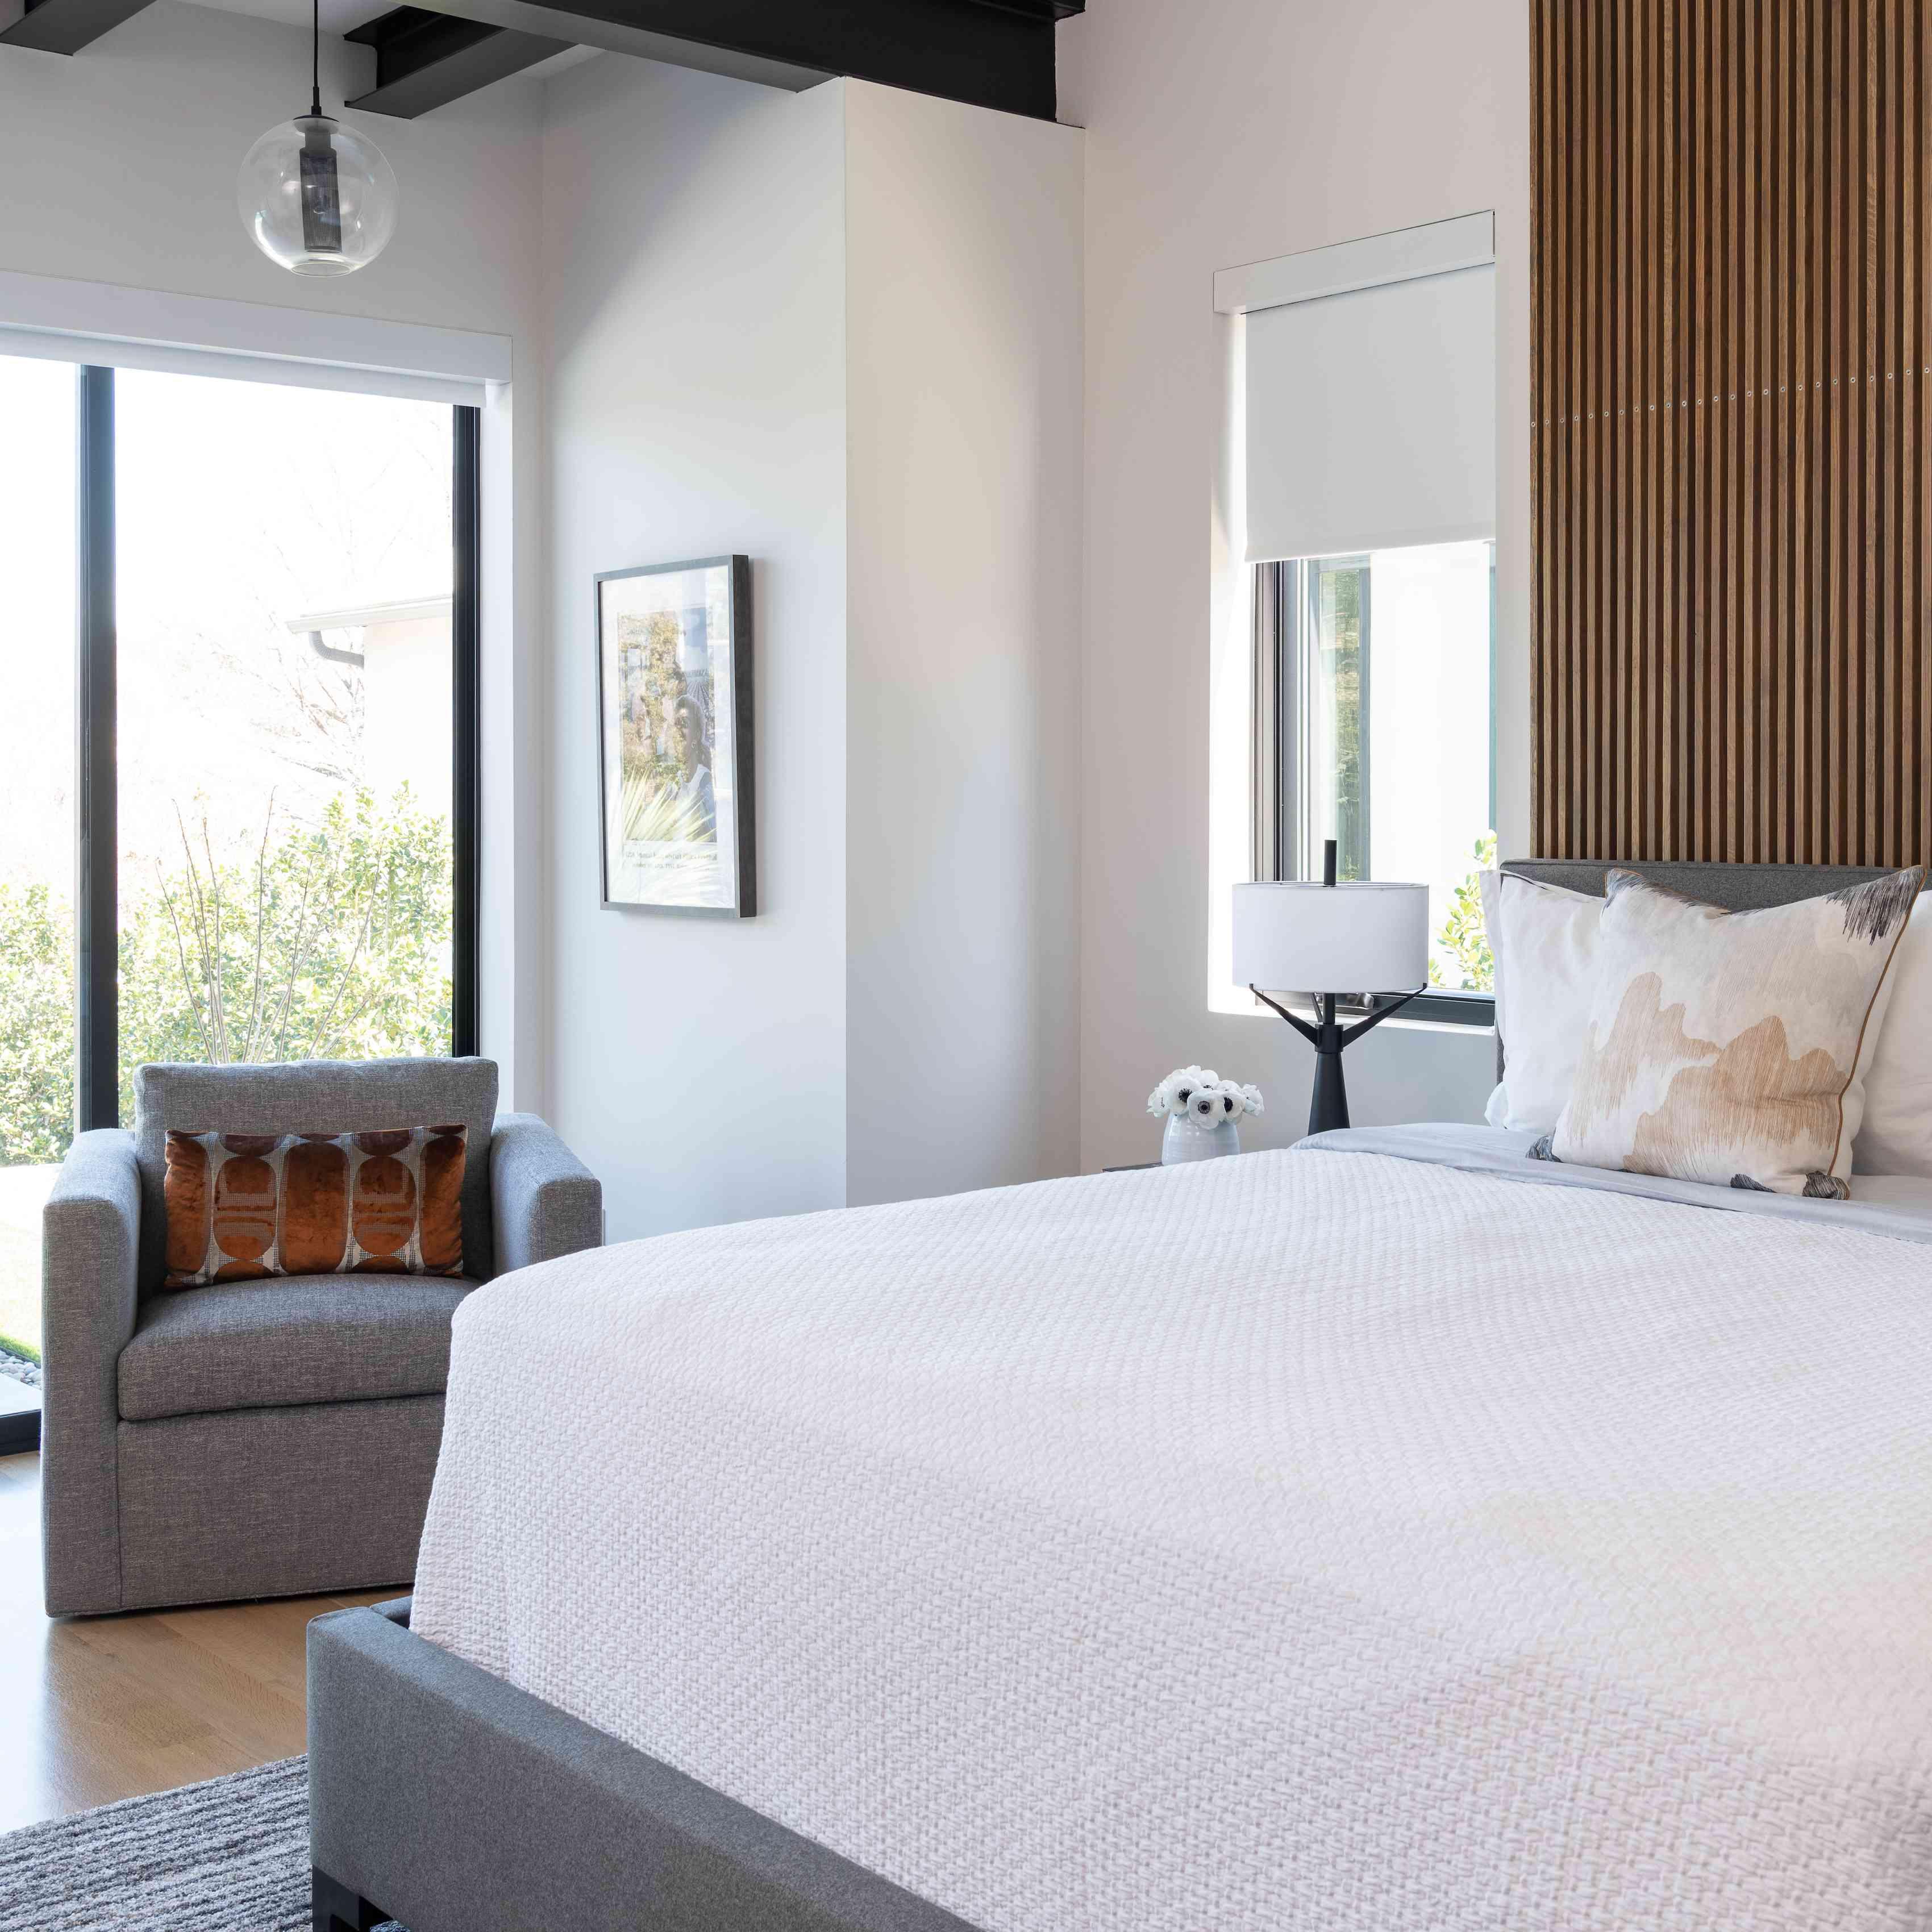 Wood and gray bachelor bedroom